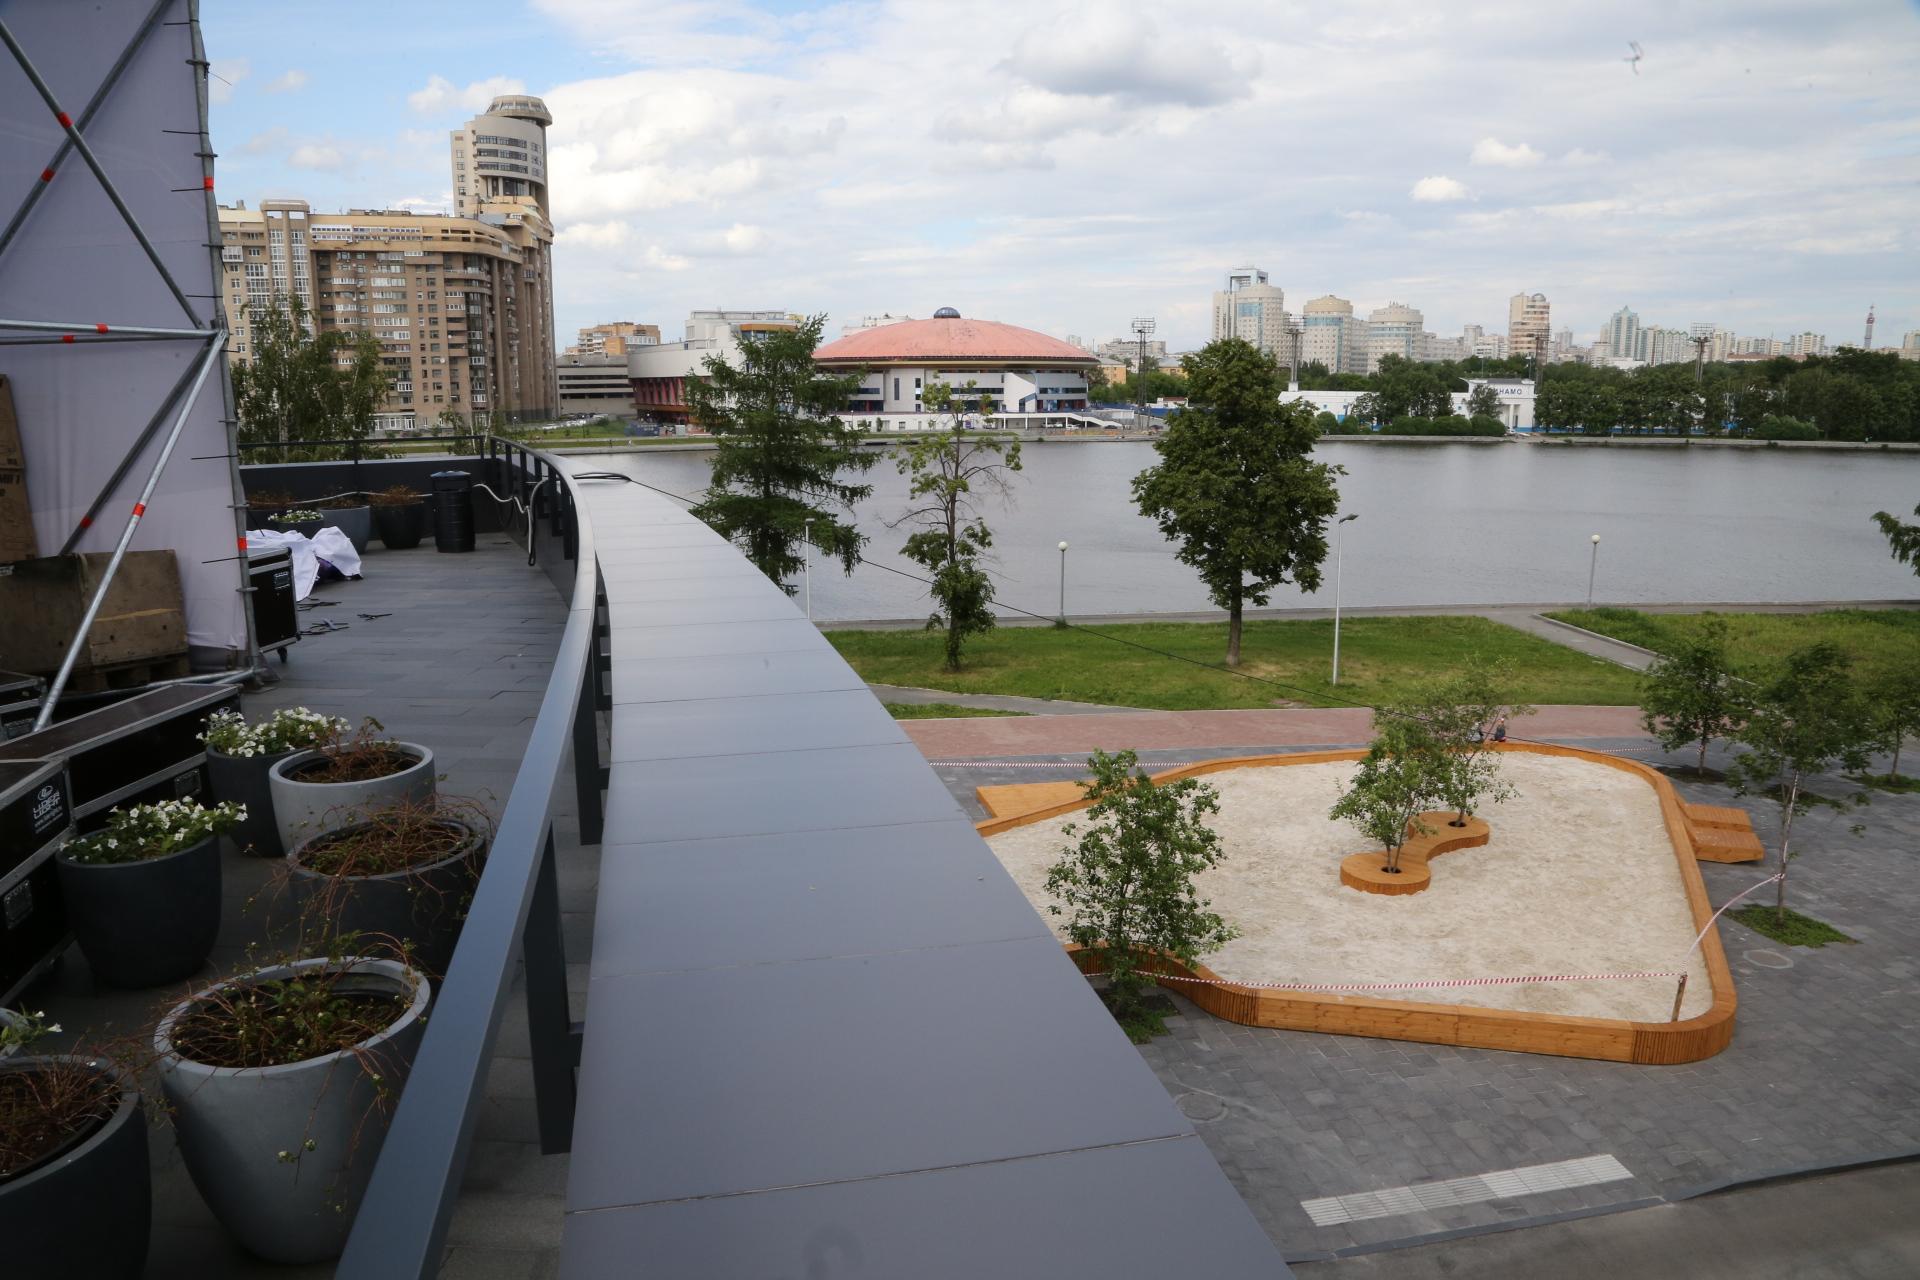 Вцентре Екатеринбурга открылась песочница наплощади 190 квадратных метров